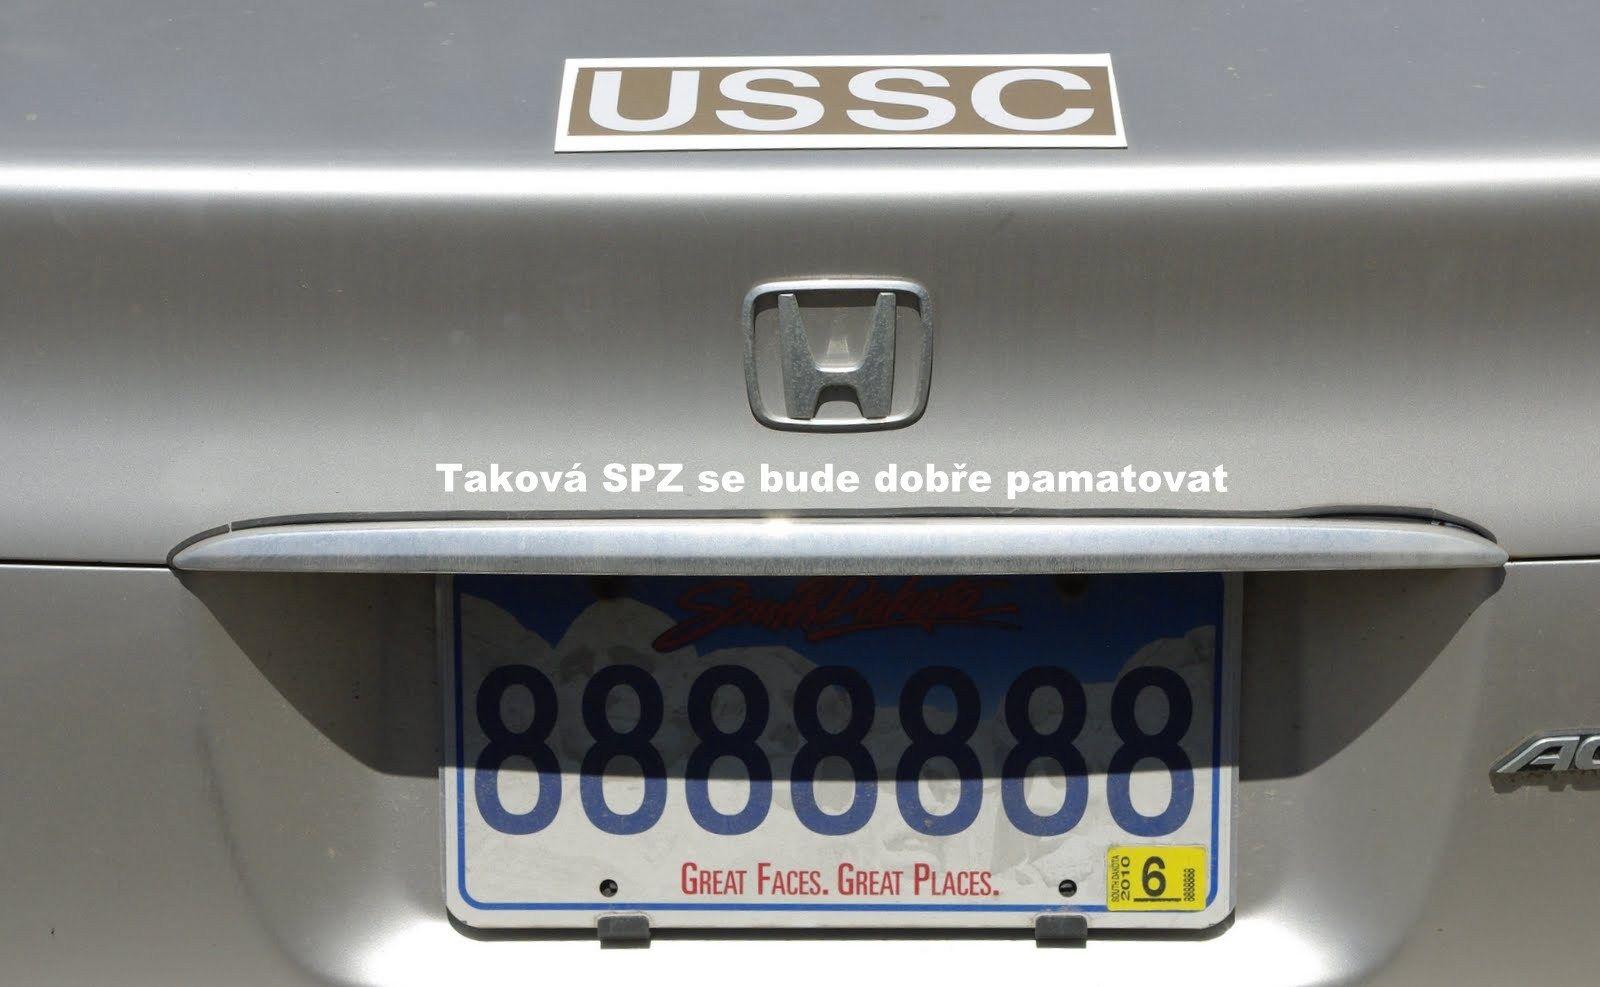 8888888 License Plate Car Door Car